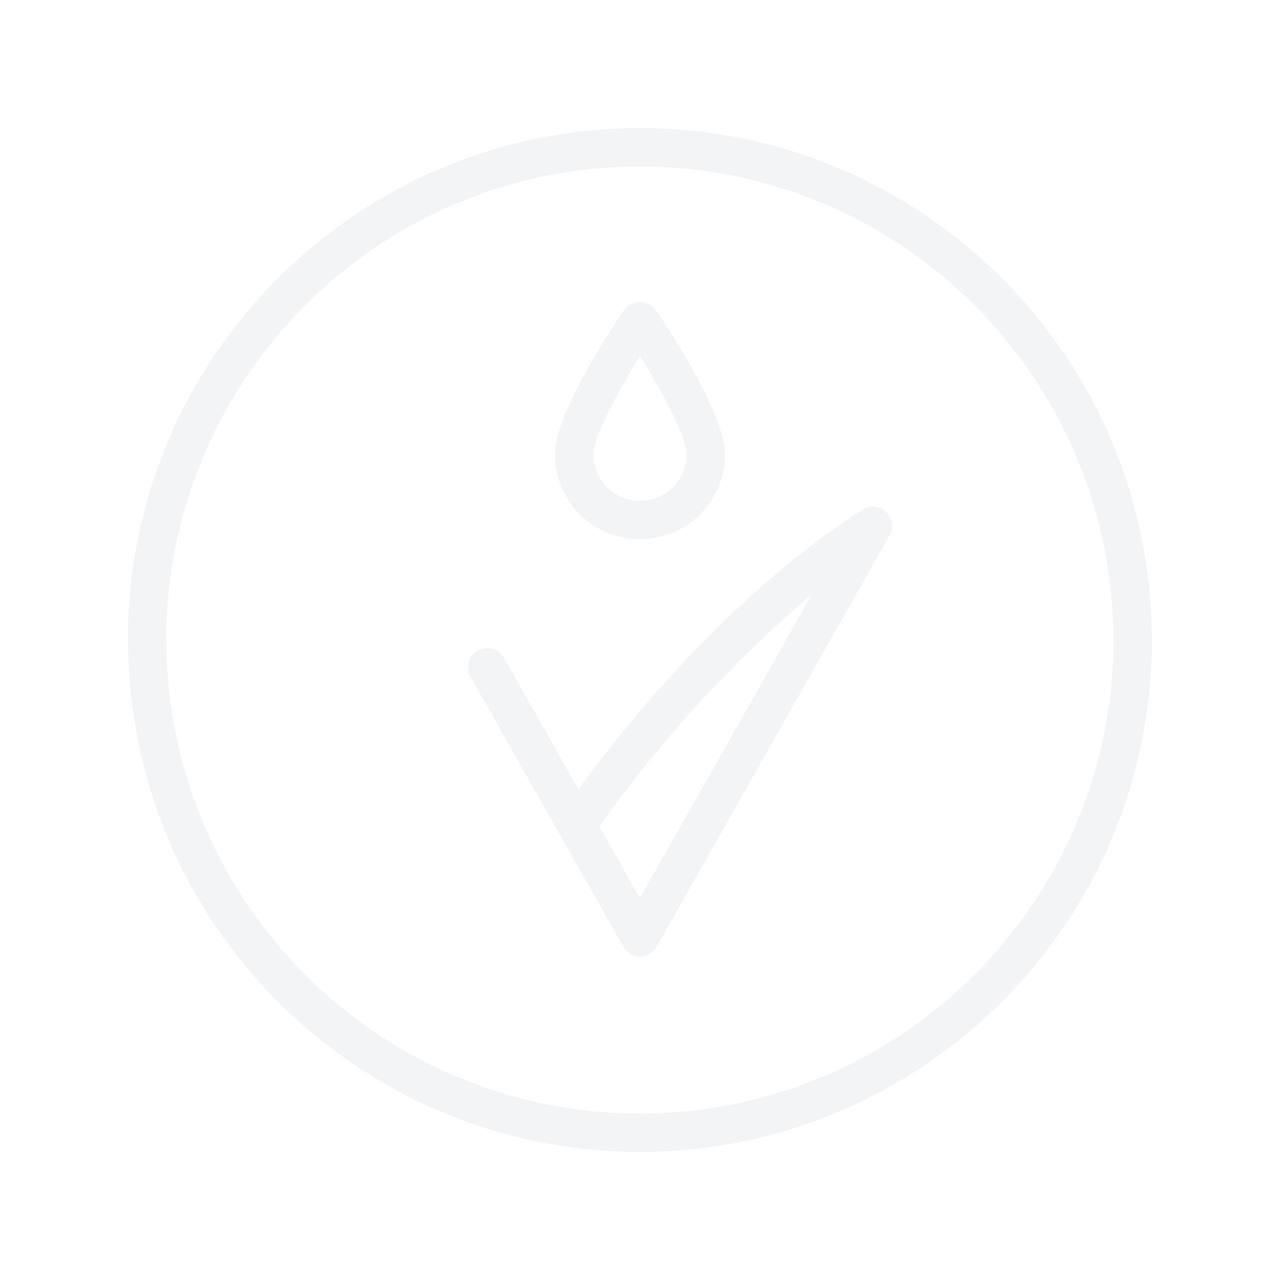 SHISEIDO ArchLiner Ink No.01 Shibul Black 0.4ml